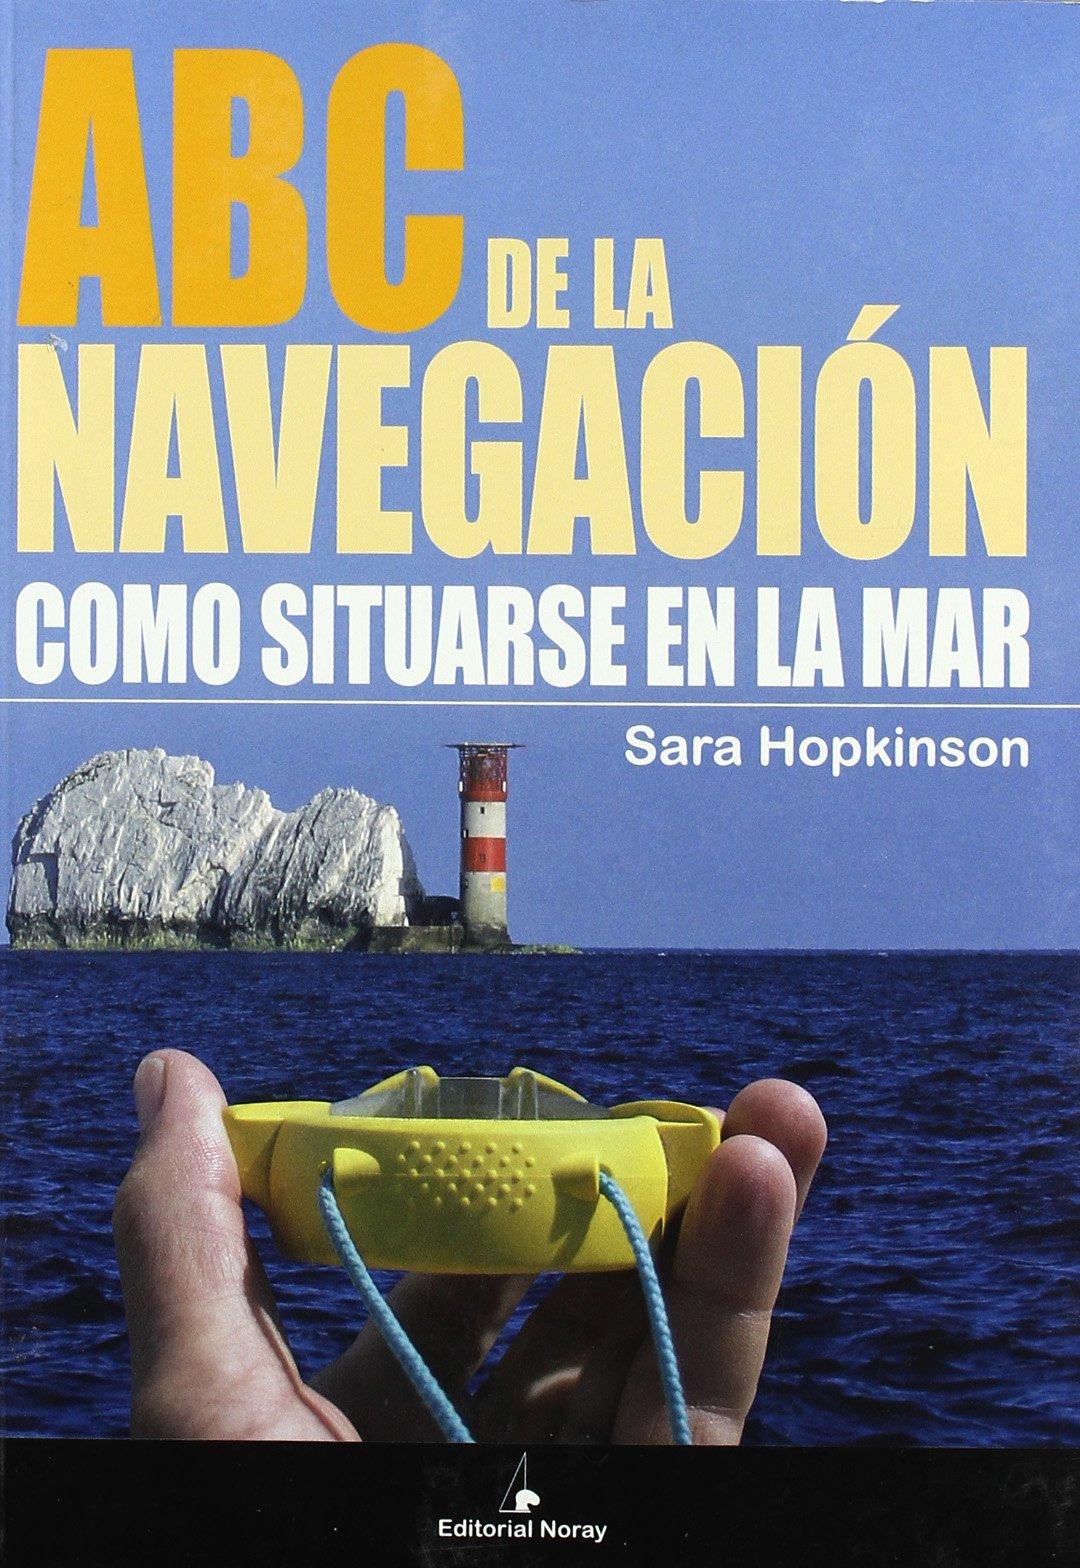 ABC de la navegación: Cómo situarse en el mar (Libros técnicos)